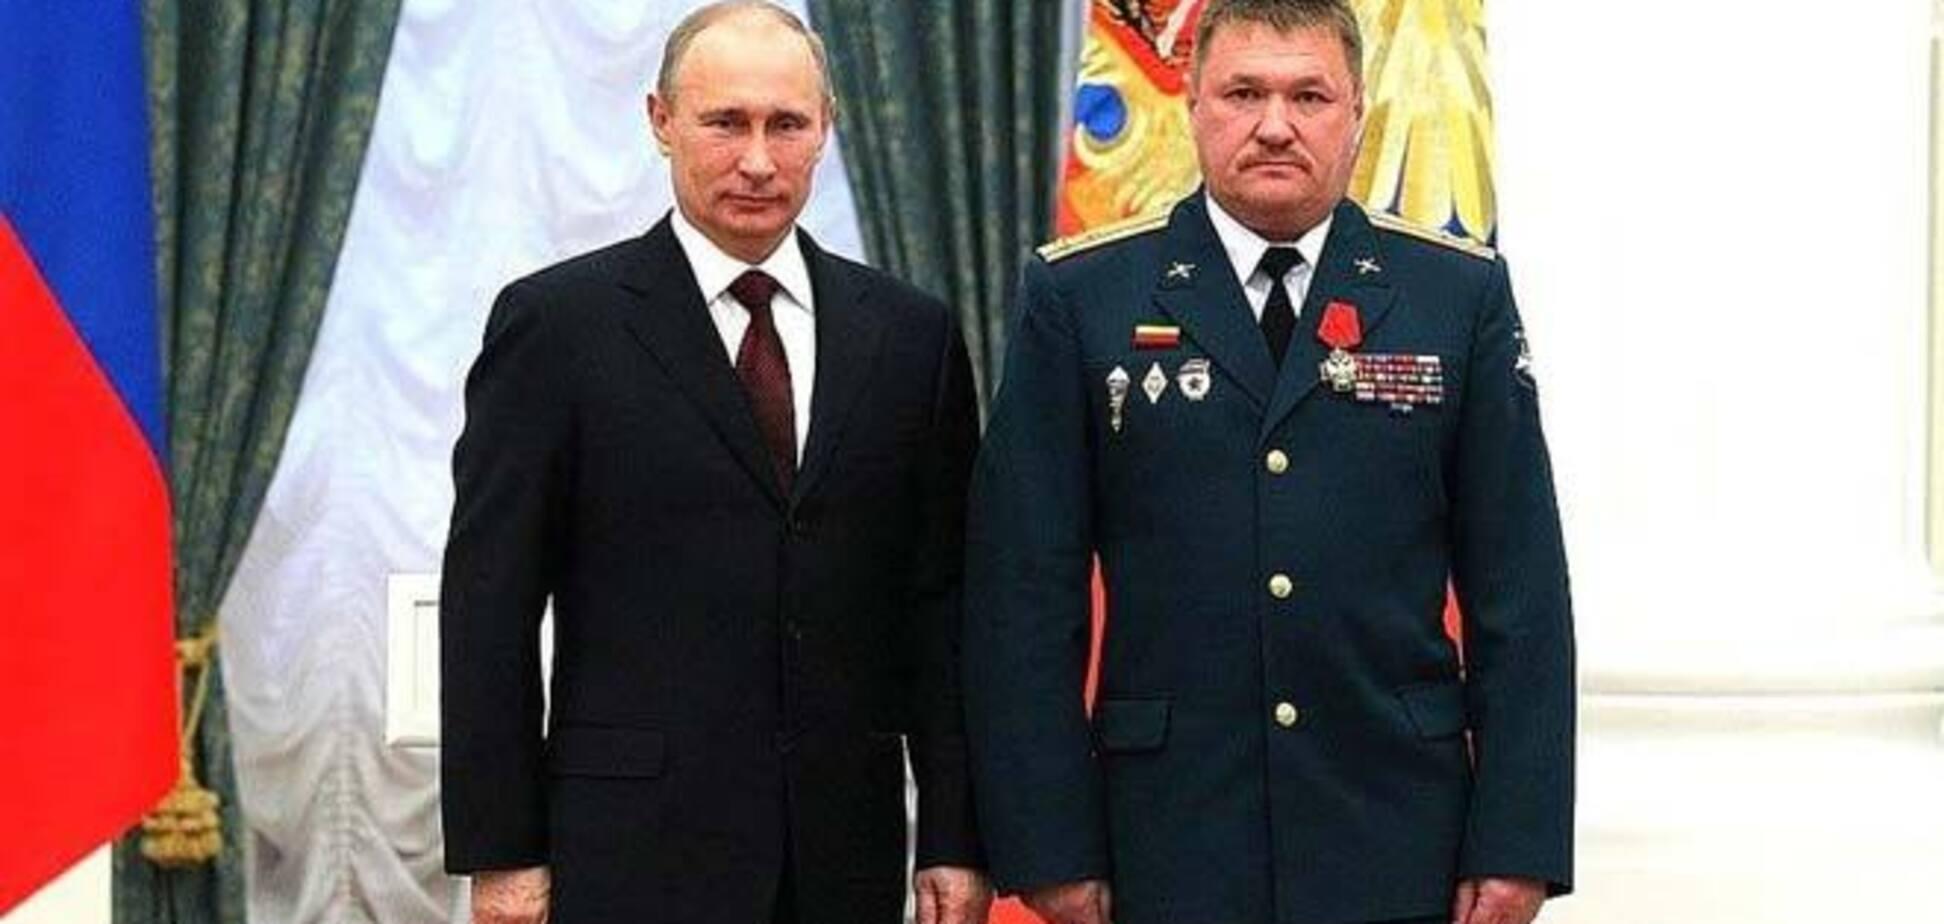 Российского генерала-наемника Асапова, воевавшего против Украины, разорвало миной